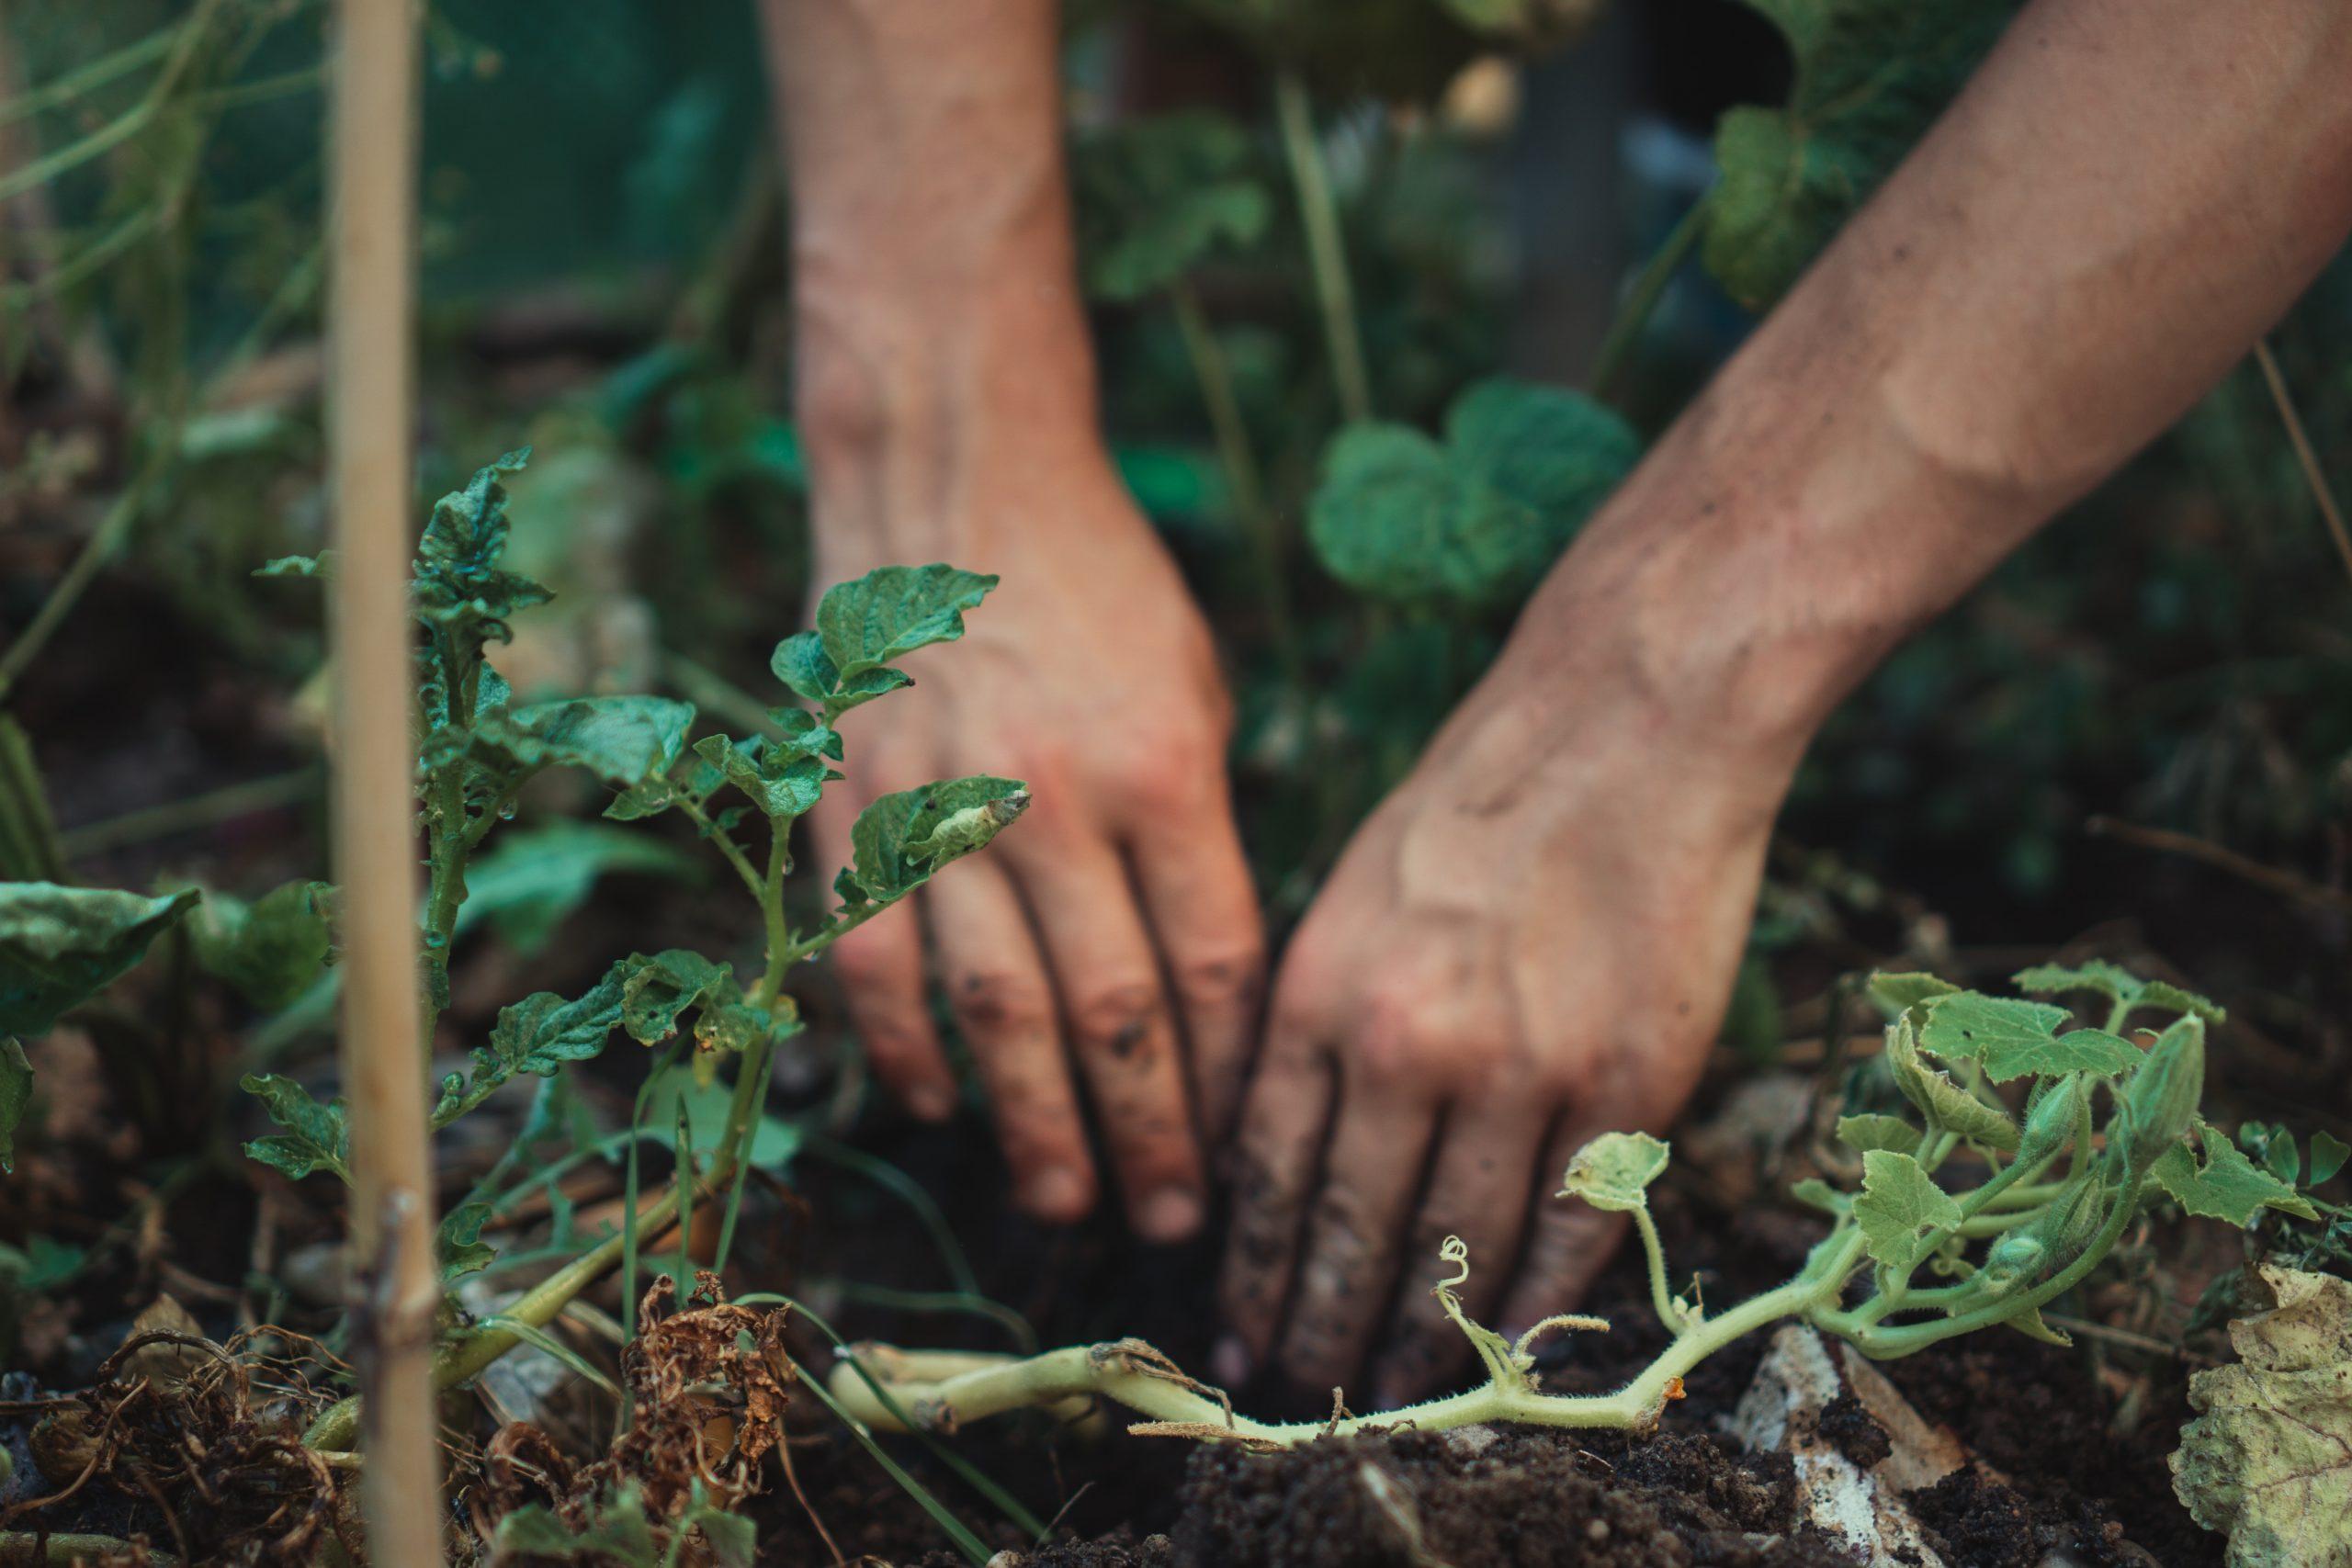 Las 4 experiencias definitivas que practicar en defensa de la educación ambiental